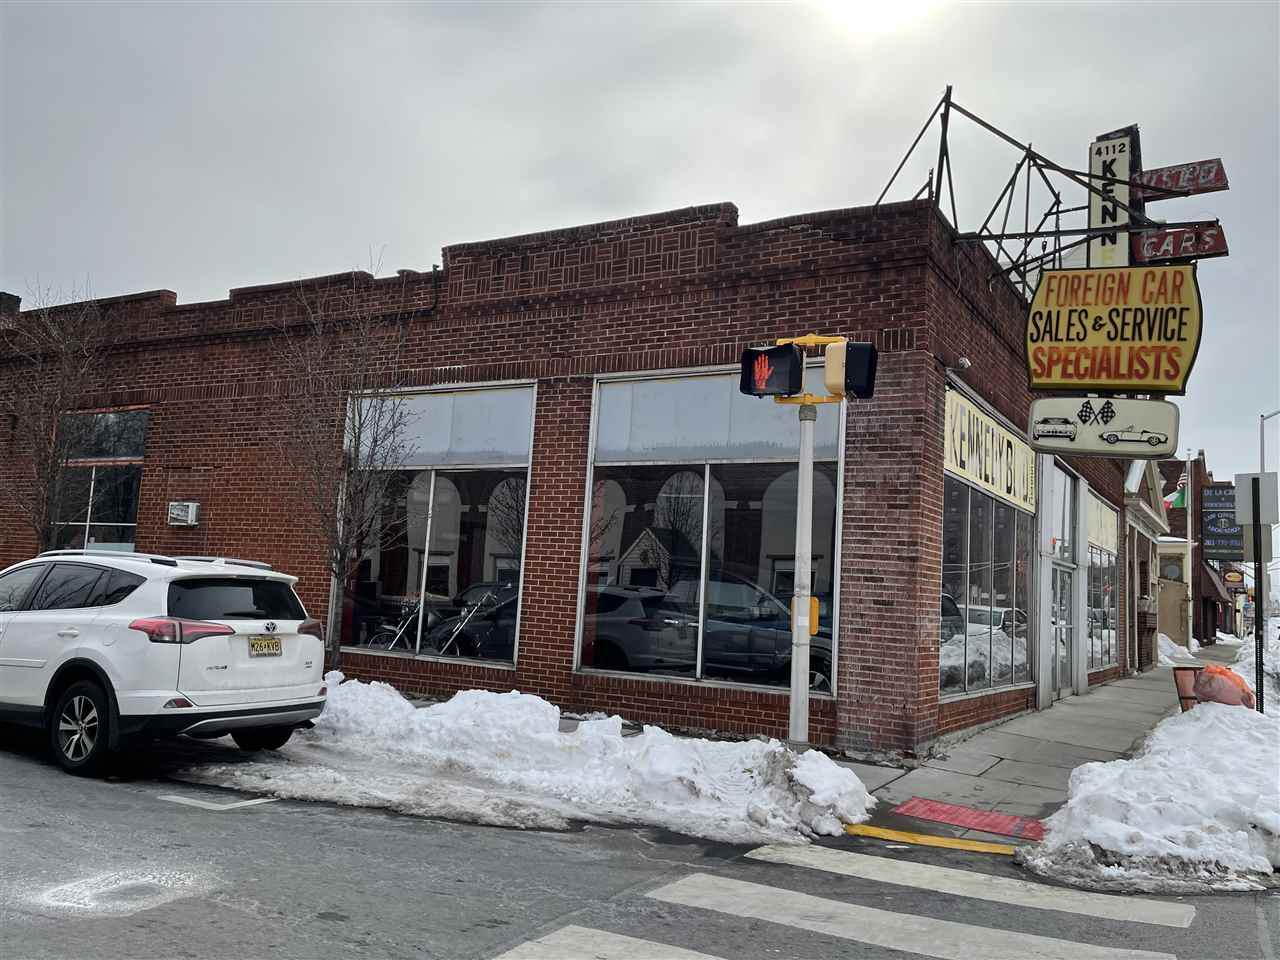 4114 Kennedy Blvd - Photo 1